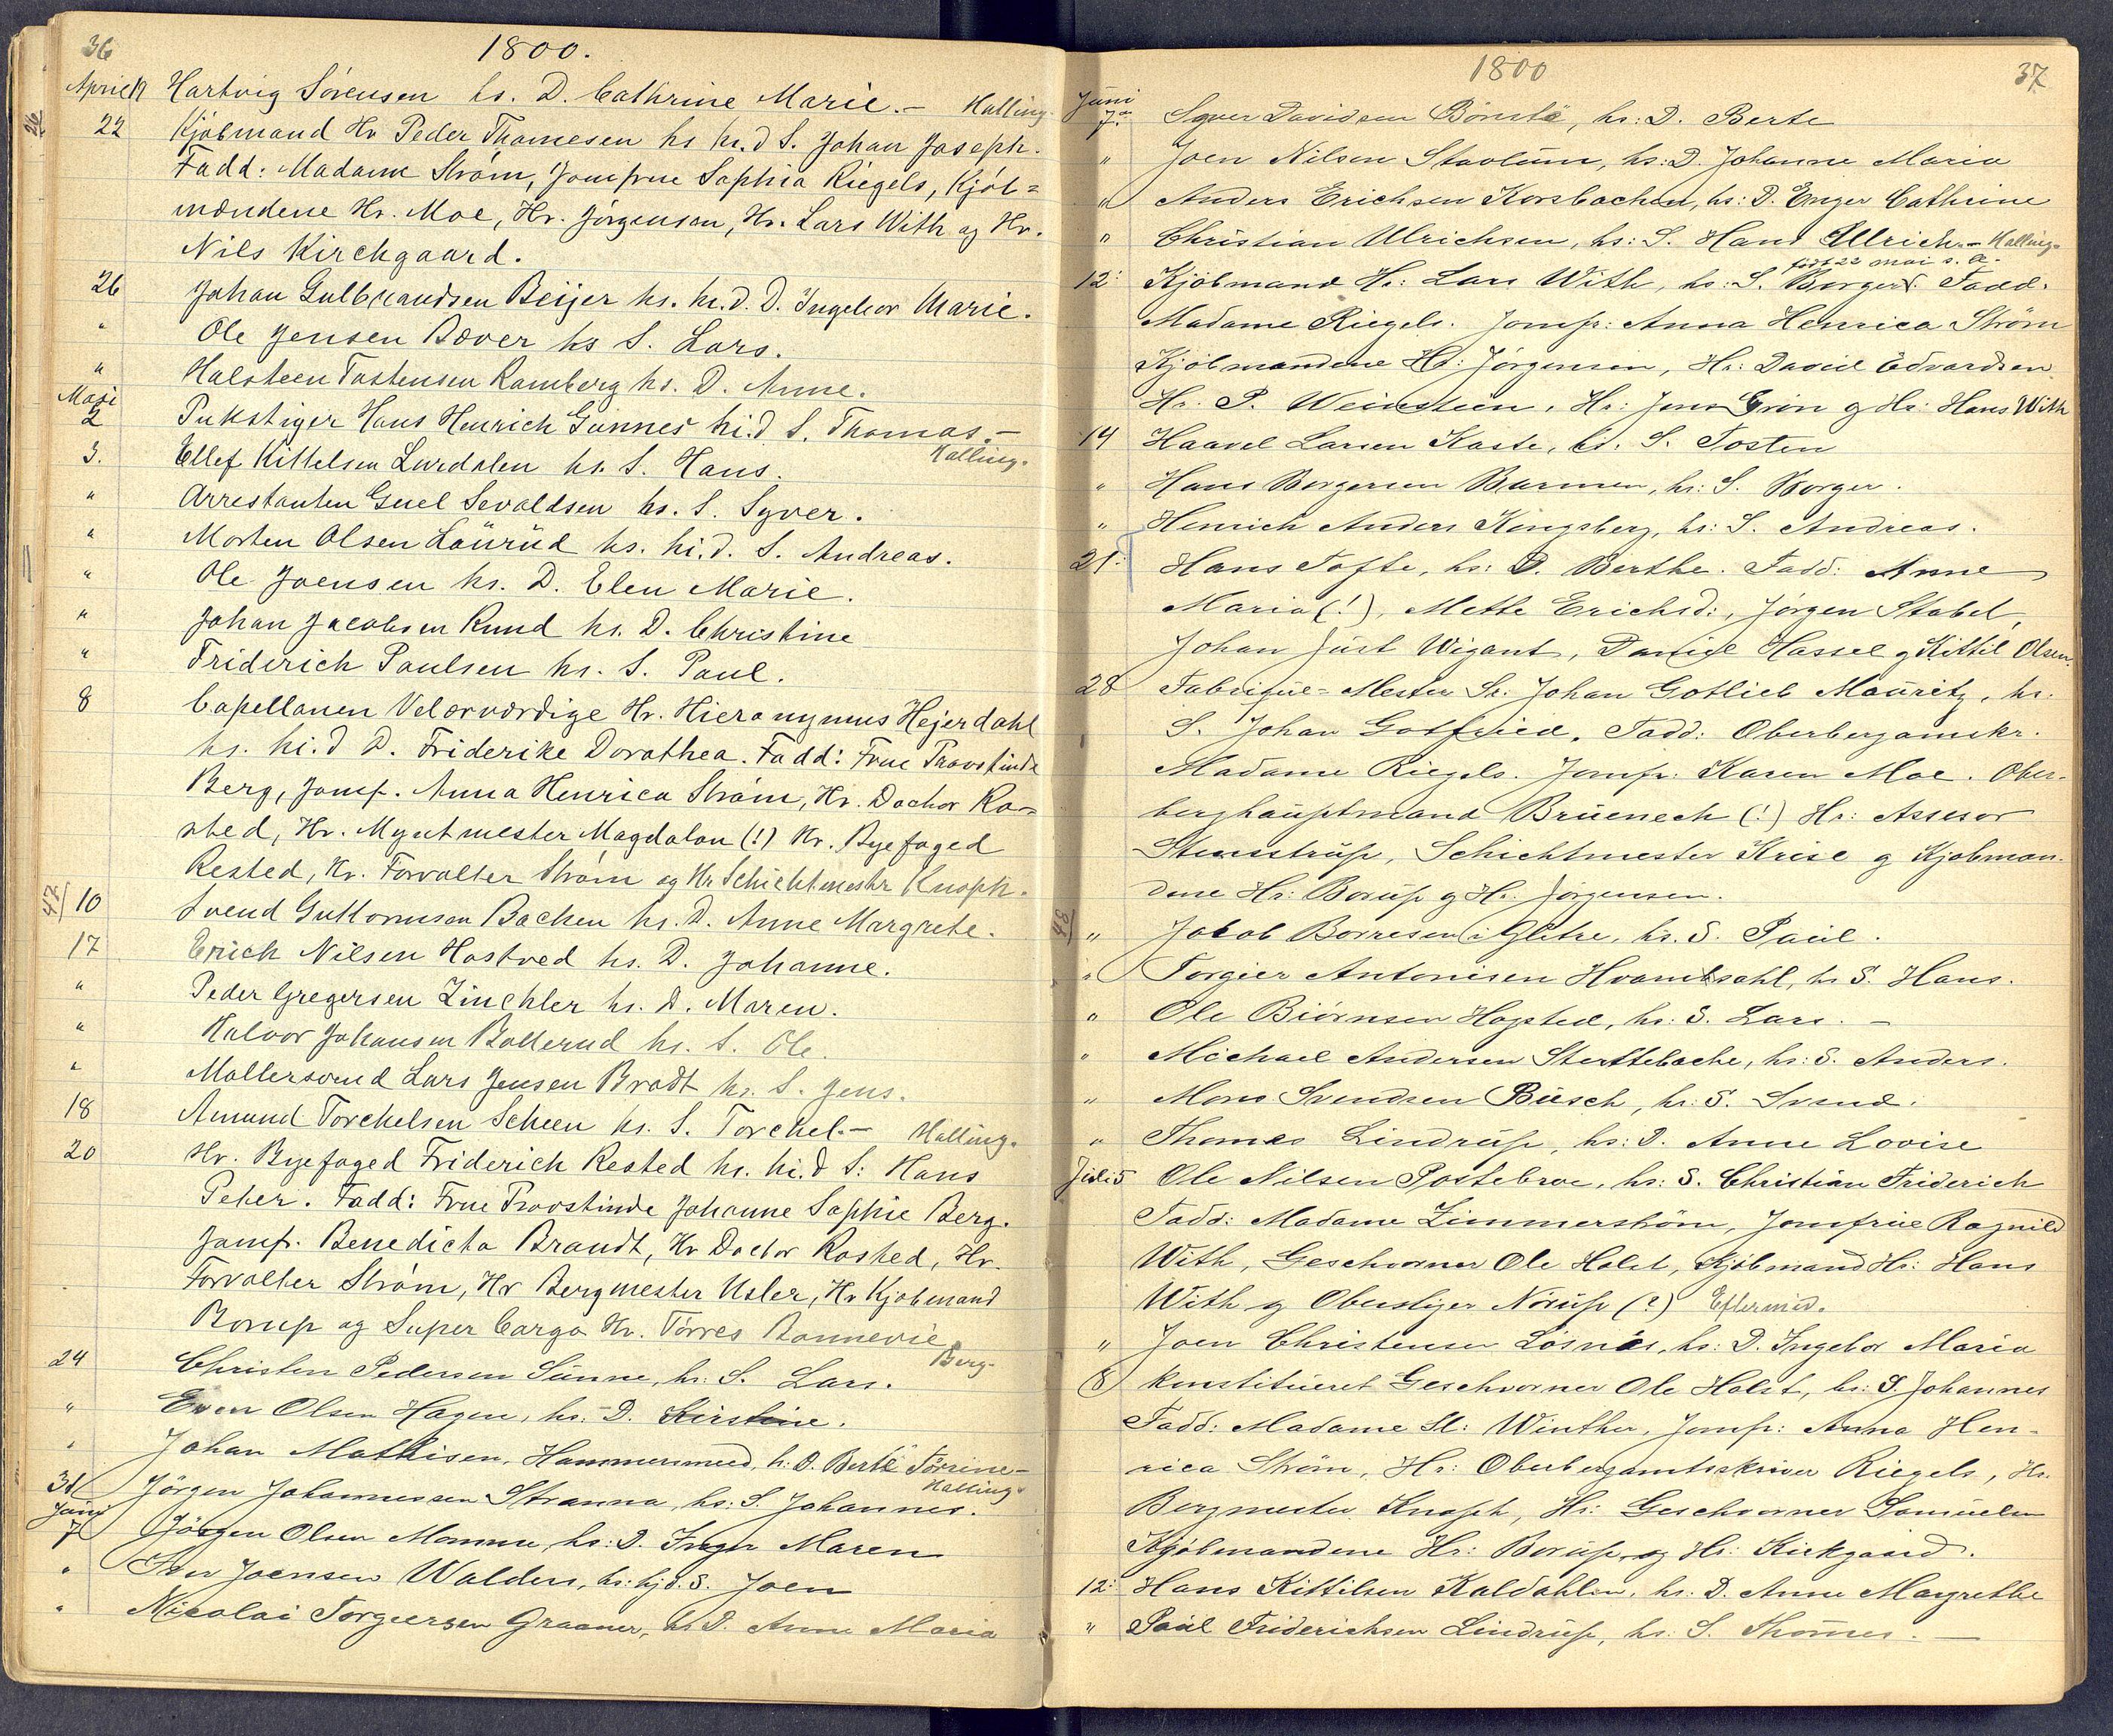 SAKO, Kongsberg kirkebøker, G/Ga/L0000a: Klokkerbok nr. 0a, 1795-1816, s. 36-37